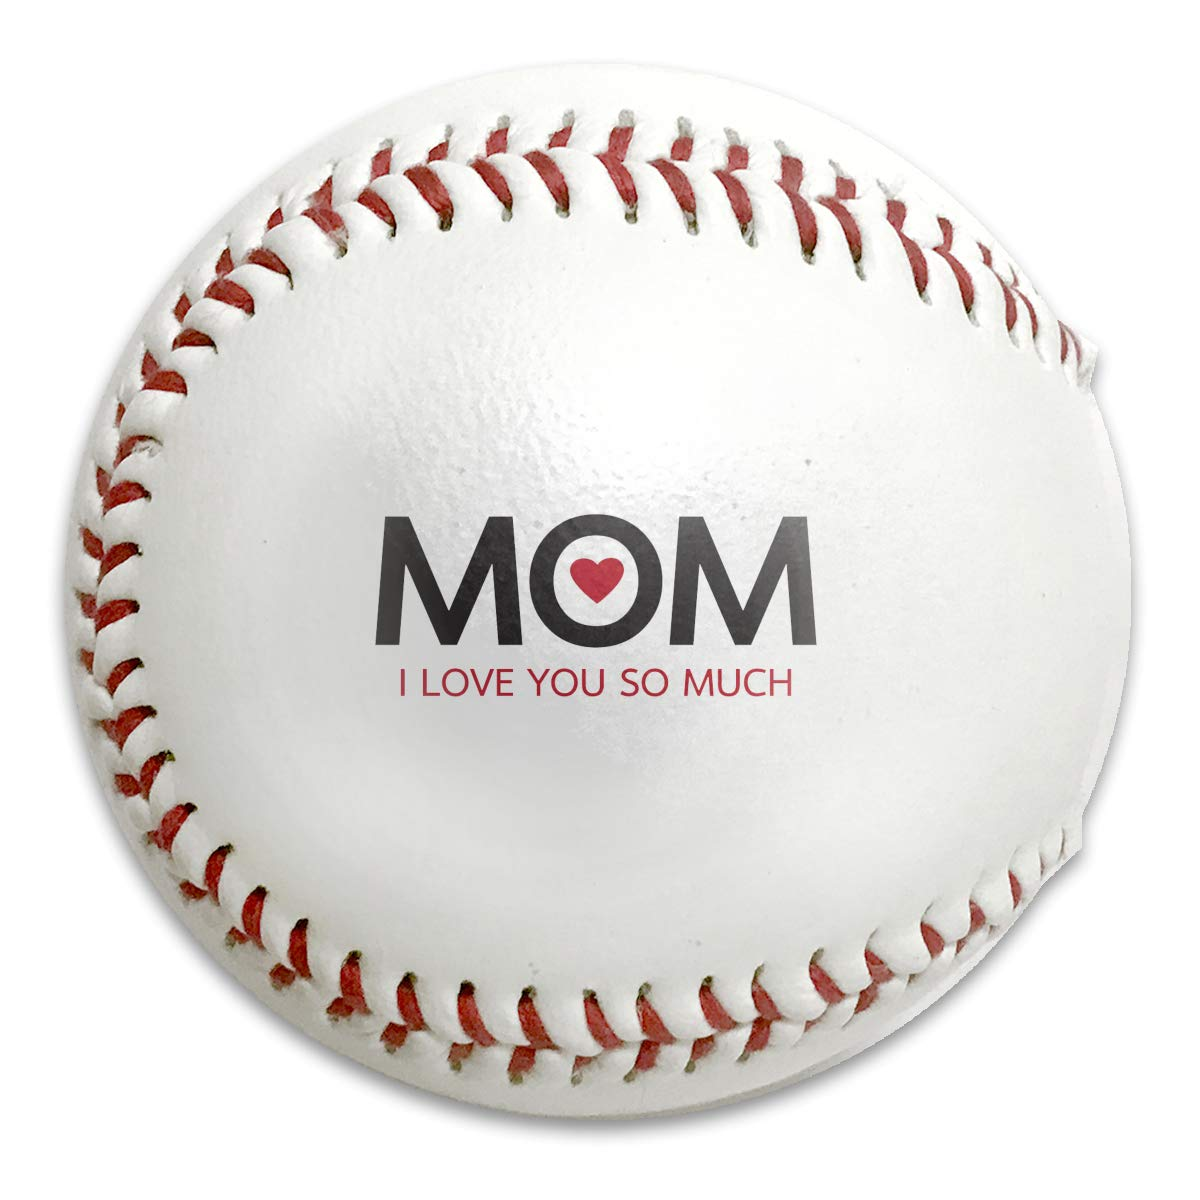 Atance Mother Day I Love You So Much balón de béisbol de Seguridad ...